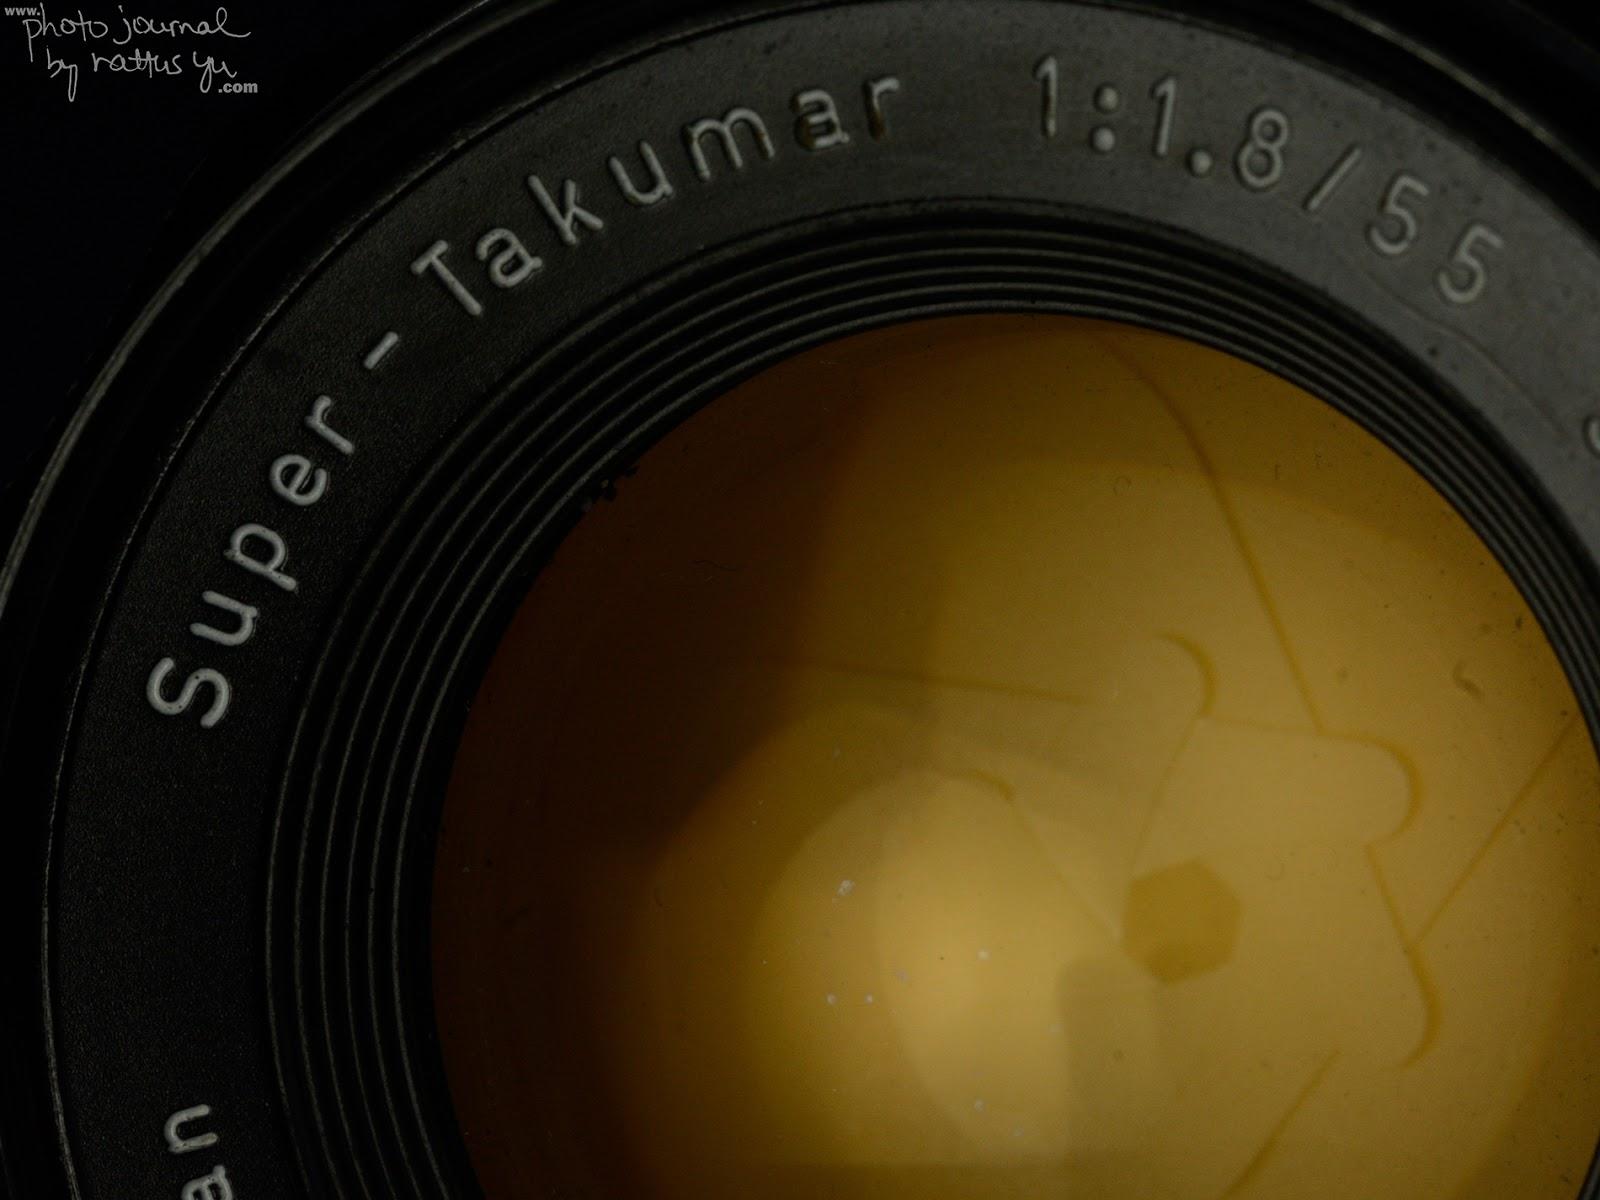 Super-Takumar 55mm f/1.8 with Infinity on Nikon DSLRs